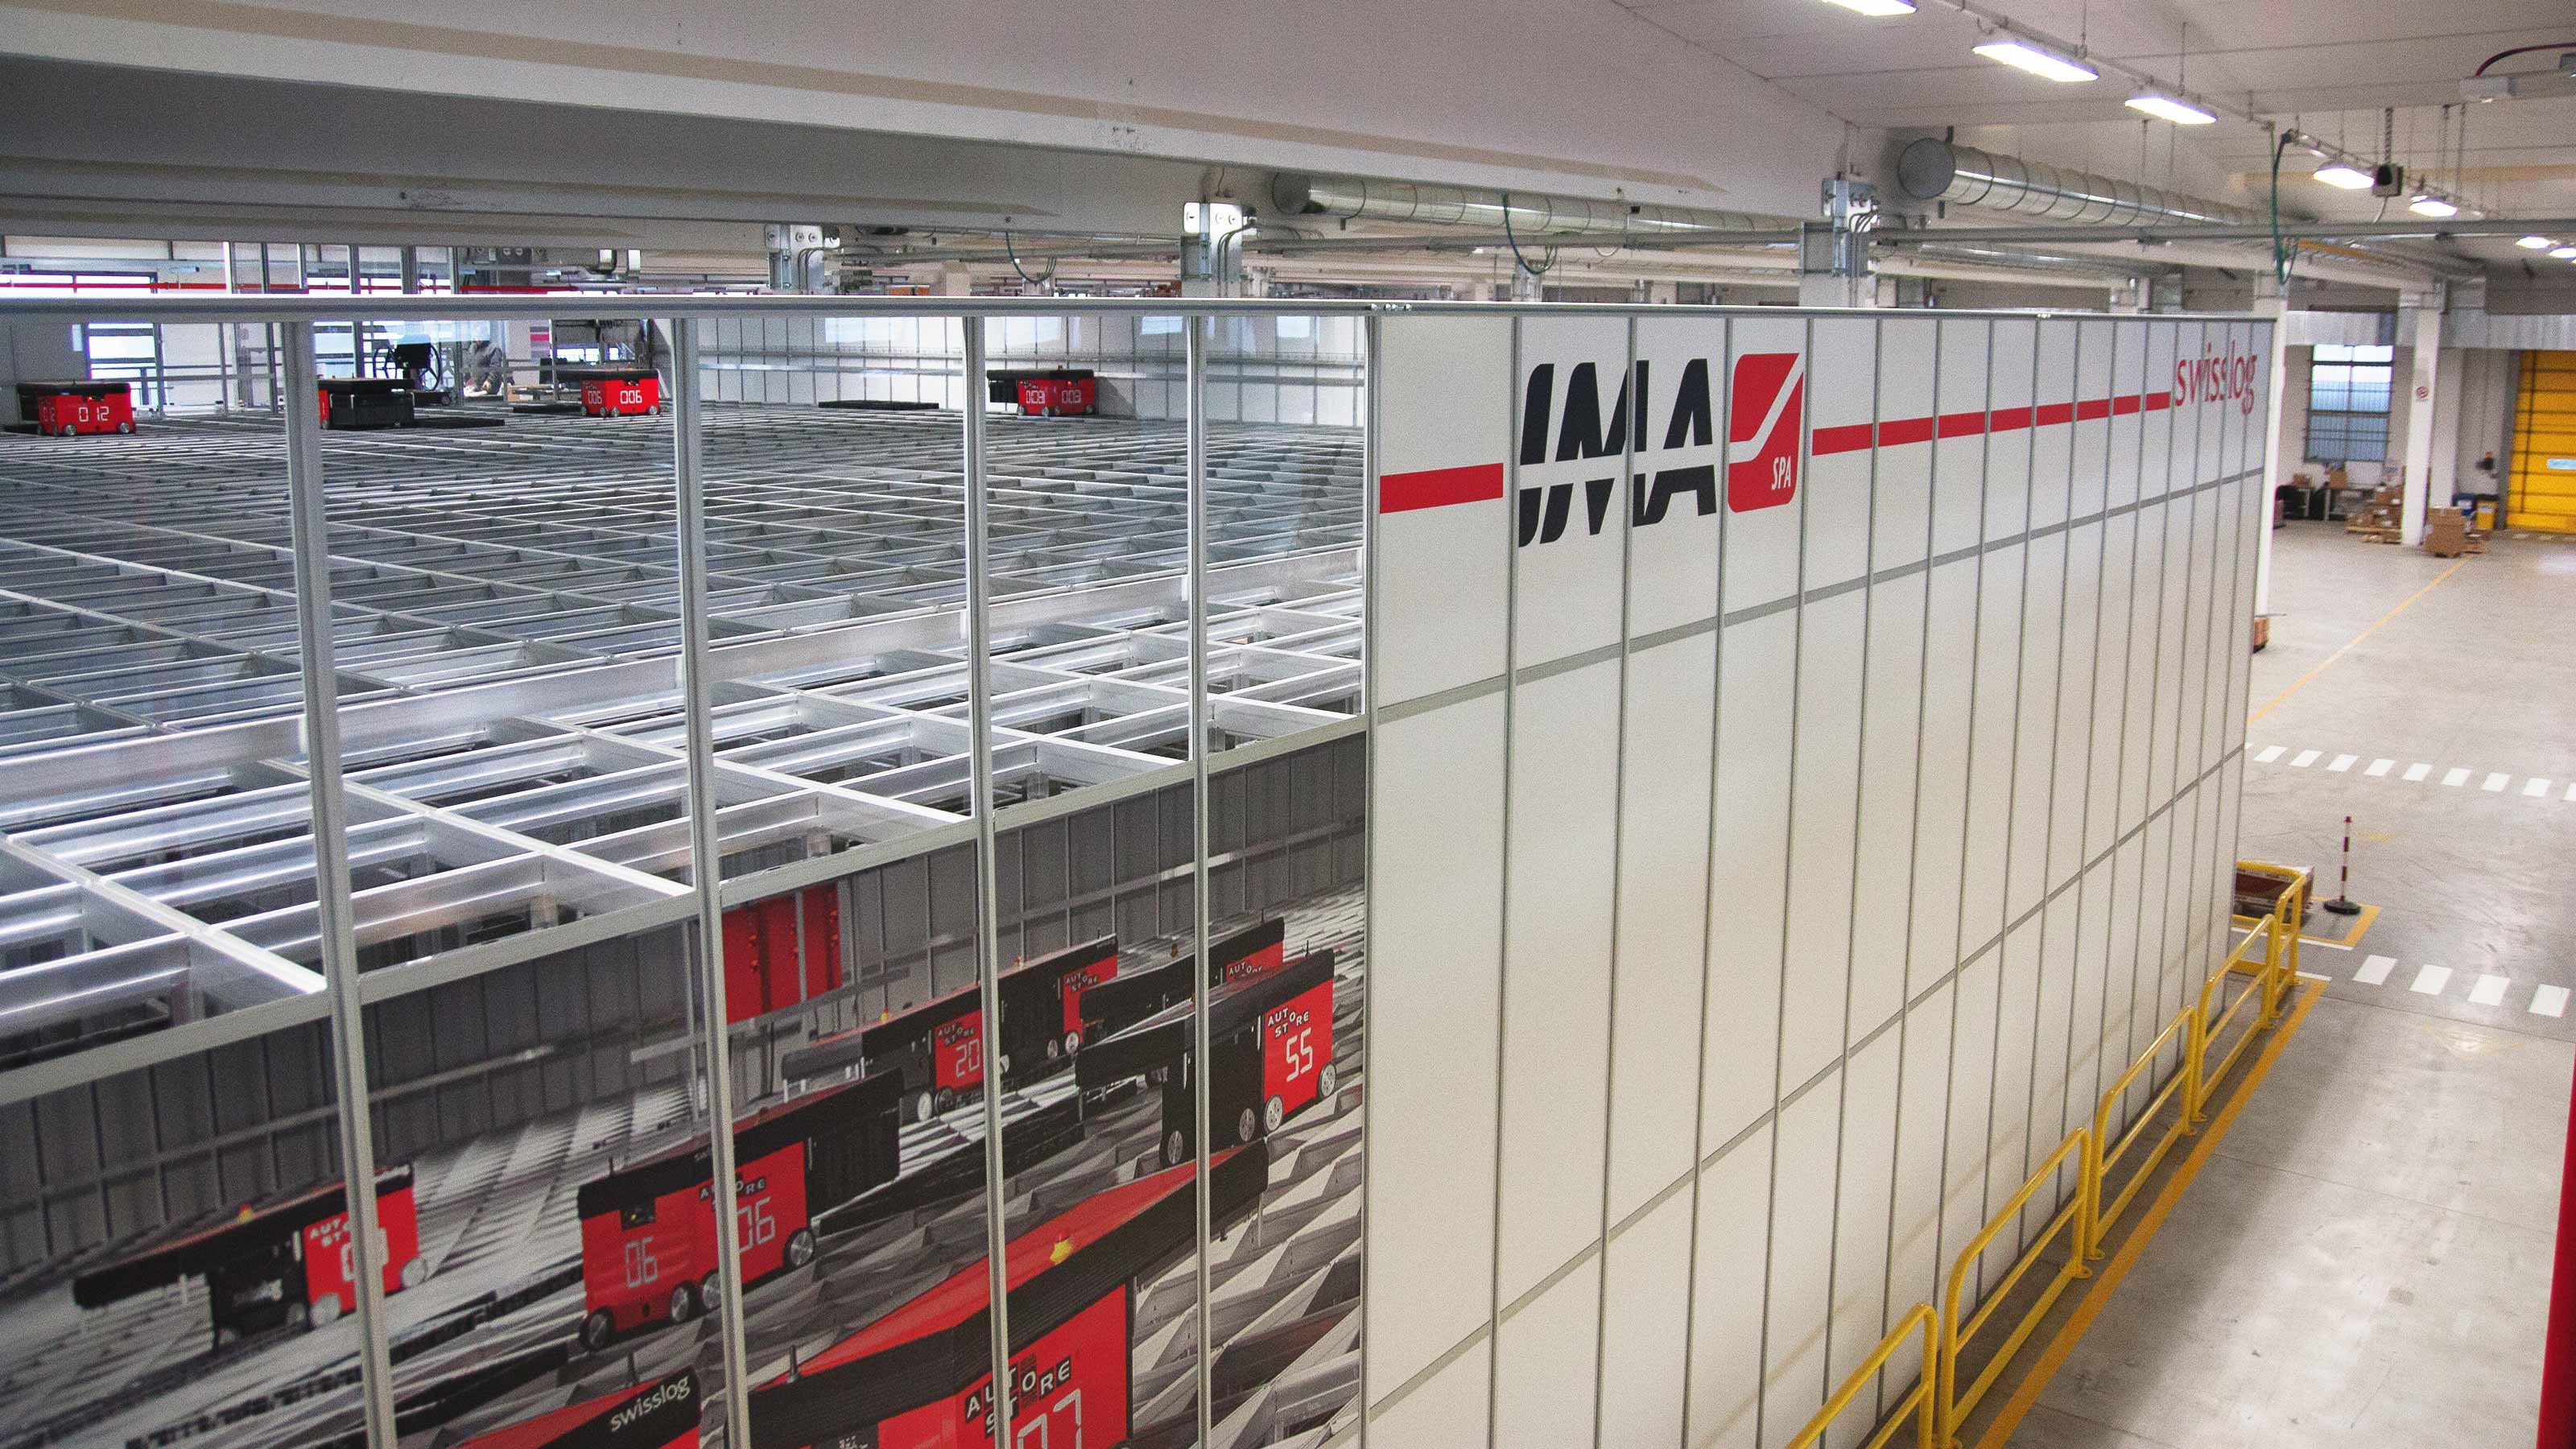 Ima Packaging Machinery Warehouse Automation Swisslog